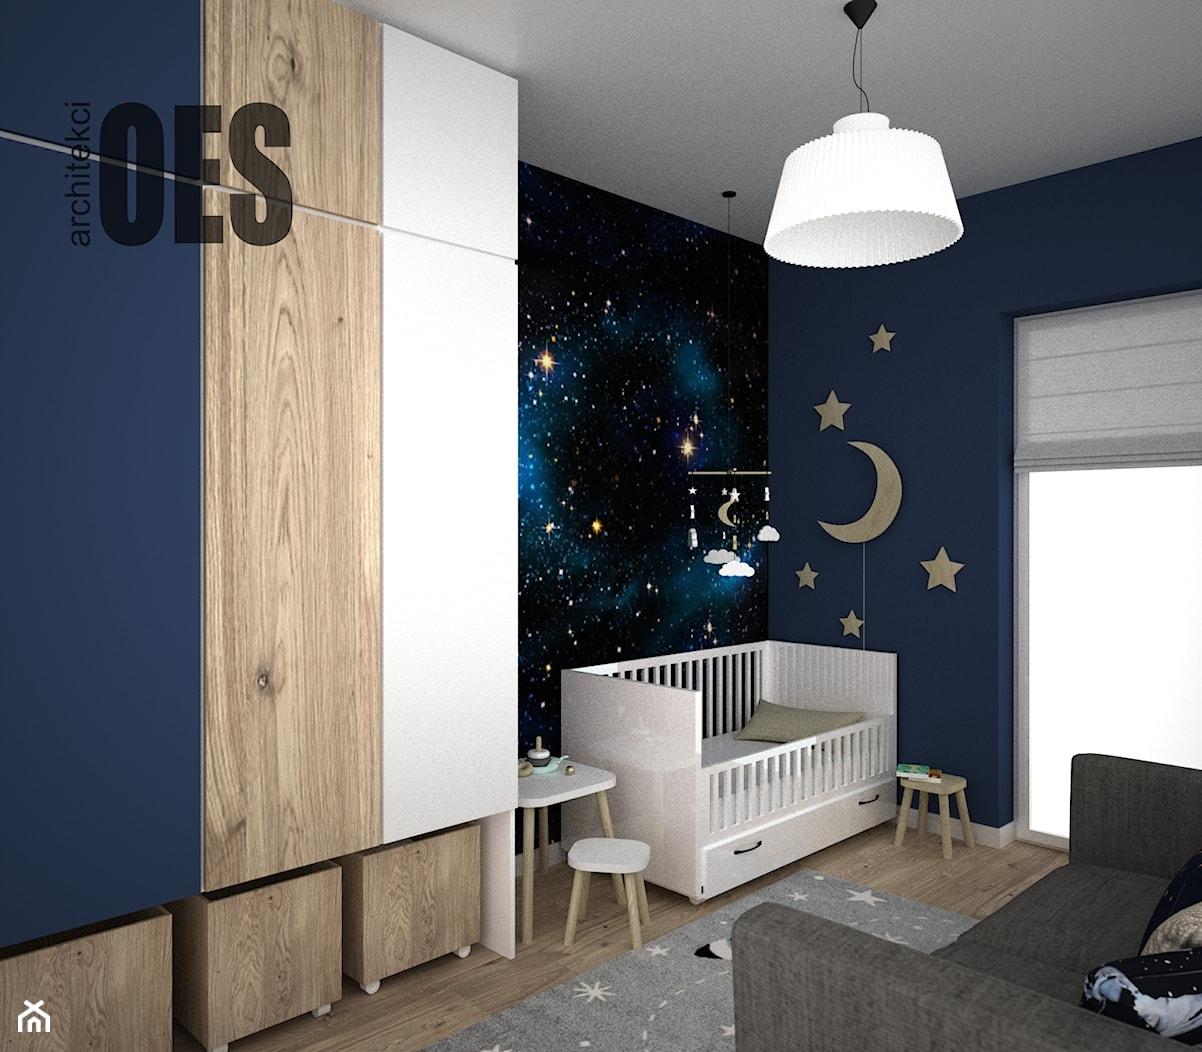 Pokój dziecka - tapeta gwiazdy - Pokój dziecka, styl nowoczesny - zdjęcie od OES architekci - Homebook